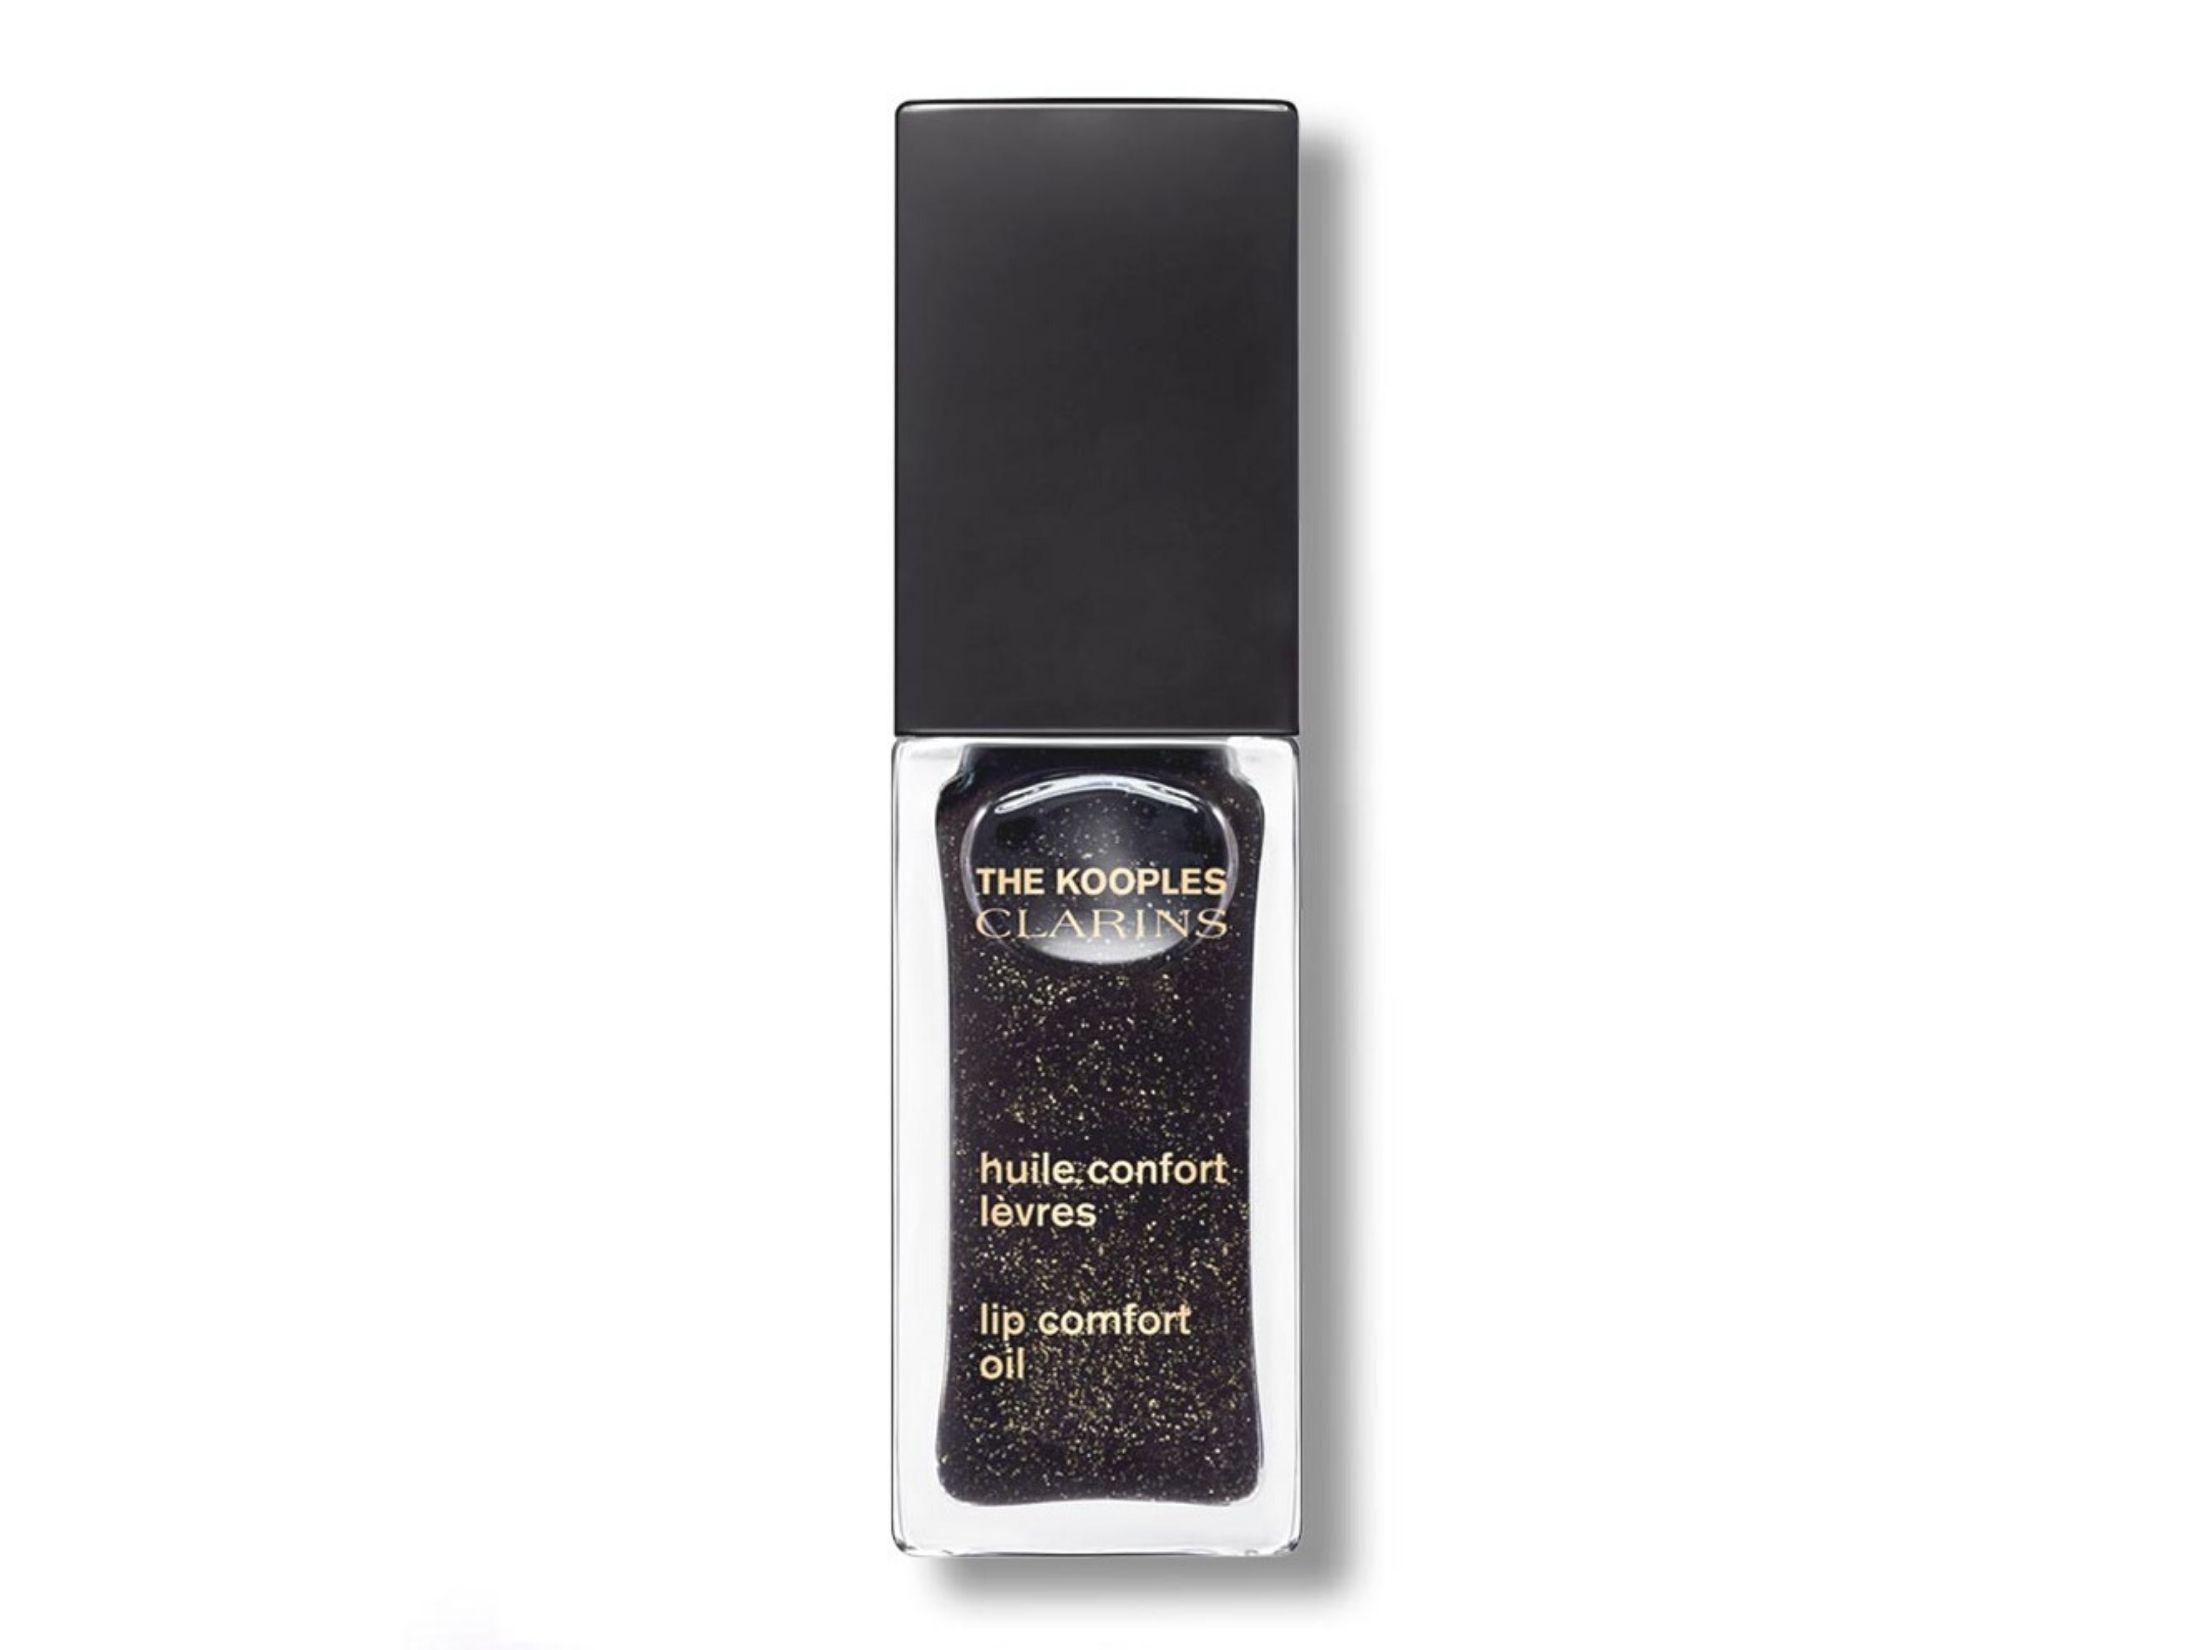 Clarins x The Kooples Lip Comfort Oil.